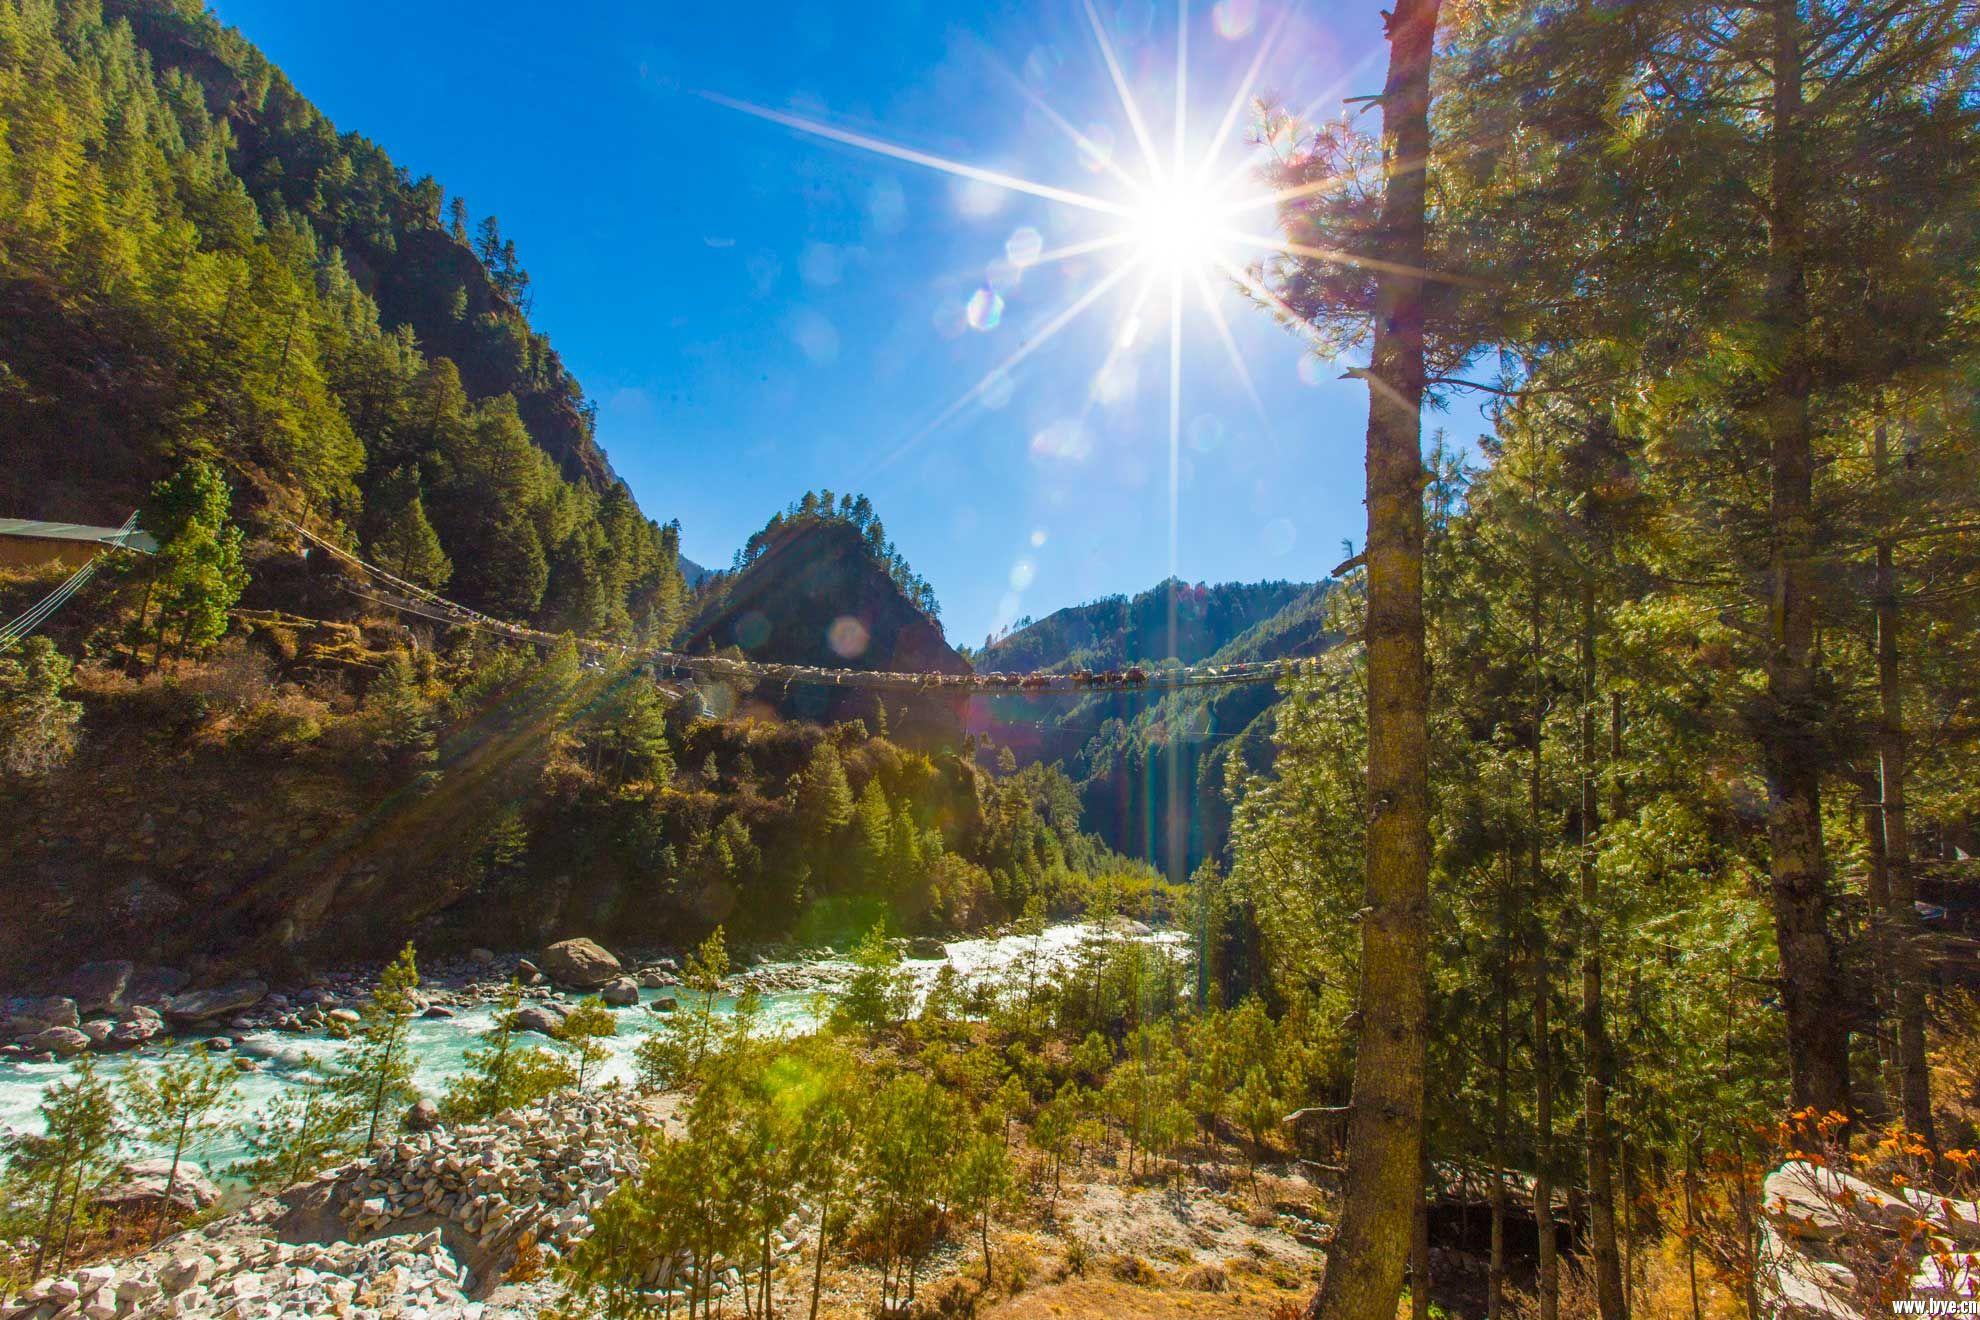 高海拔徒步 | 世界之巅 尼泊尔珠峰大本营ebc顶级徒步